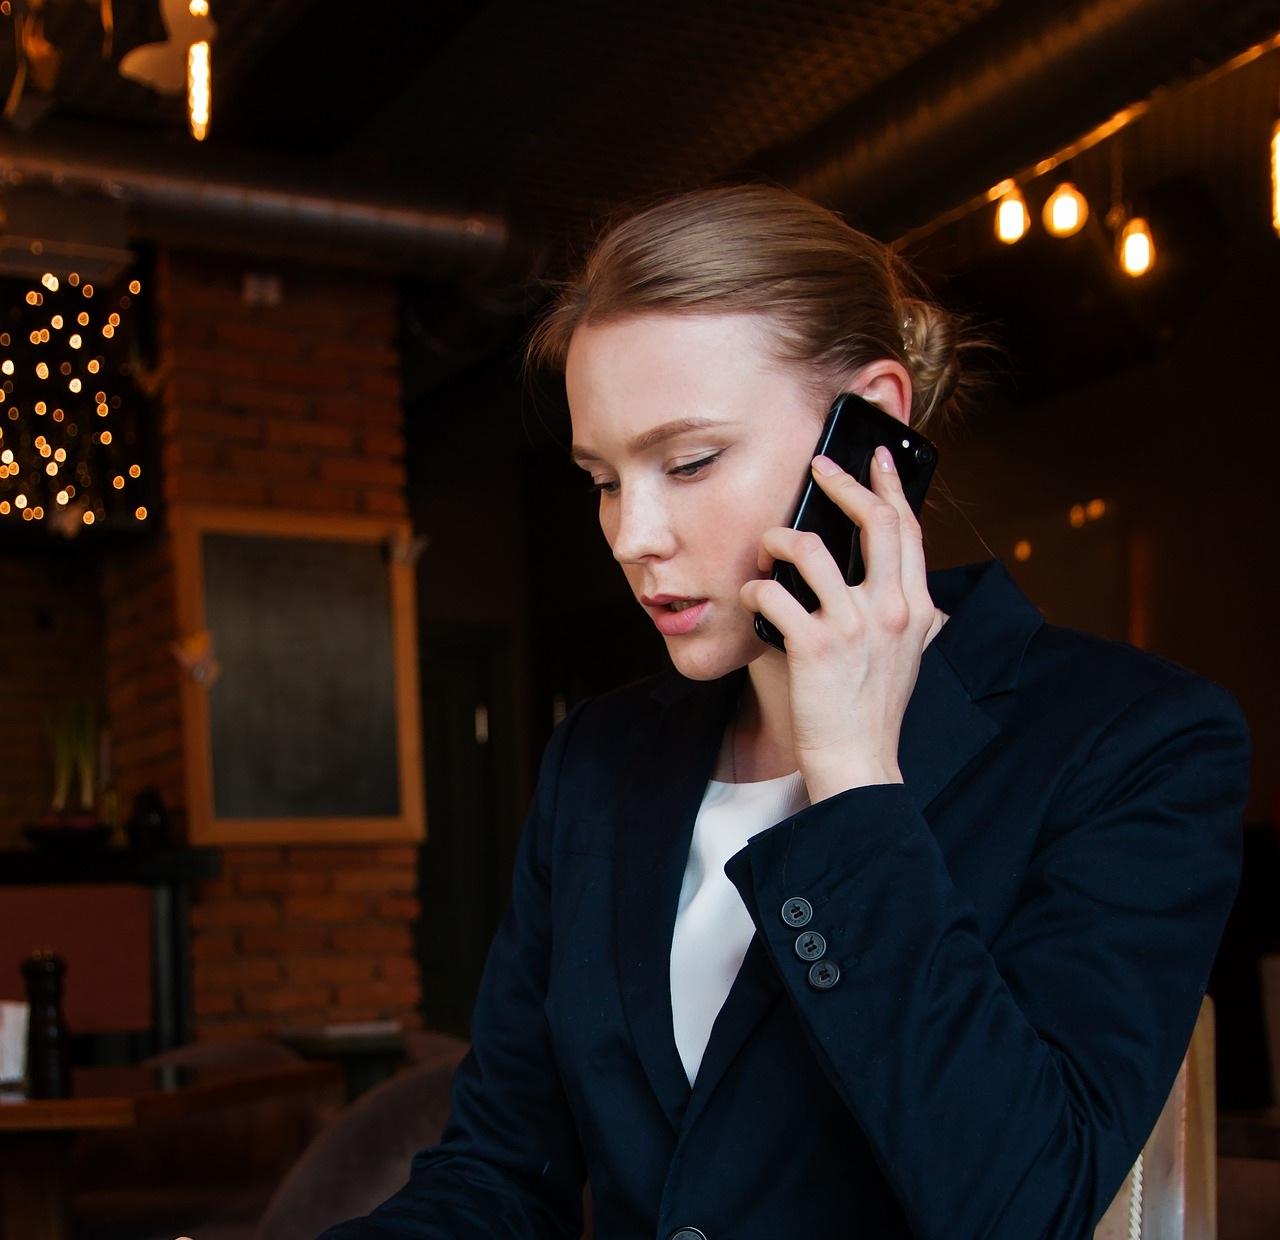 Bilde av kvinne som snakker i telefon